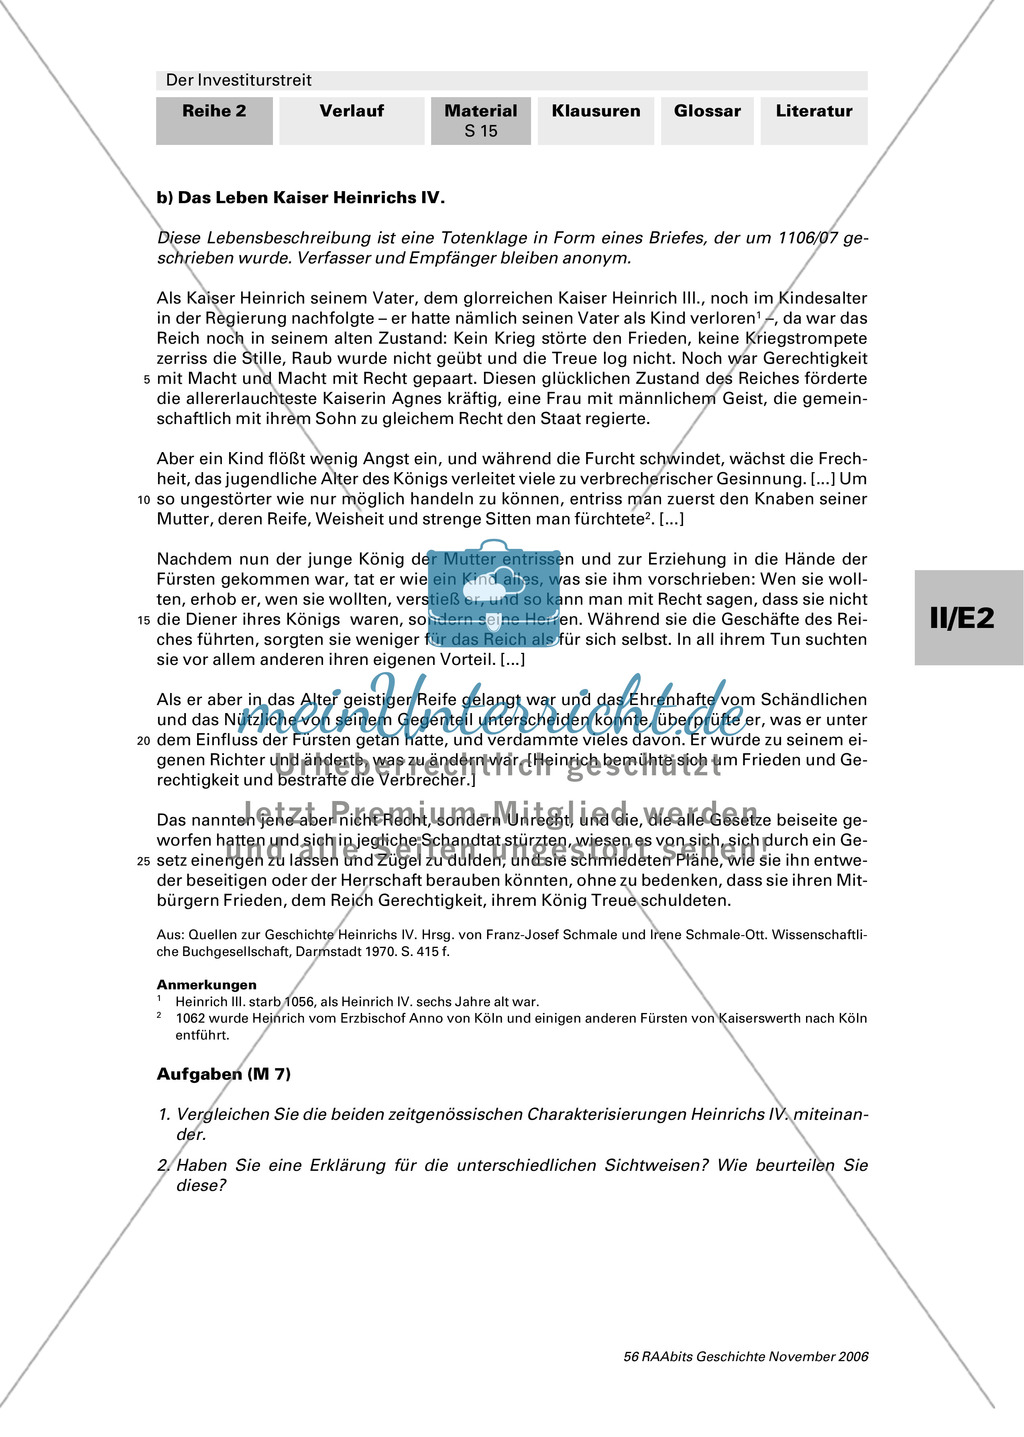 Der Investiturstreit: Der Konflikt zwischen Gregor VII. und Heinrich IV. - personengeschichtliche Hintergründe Preview 2